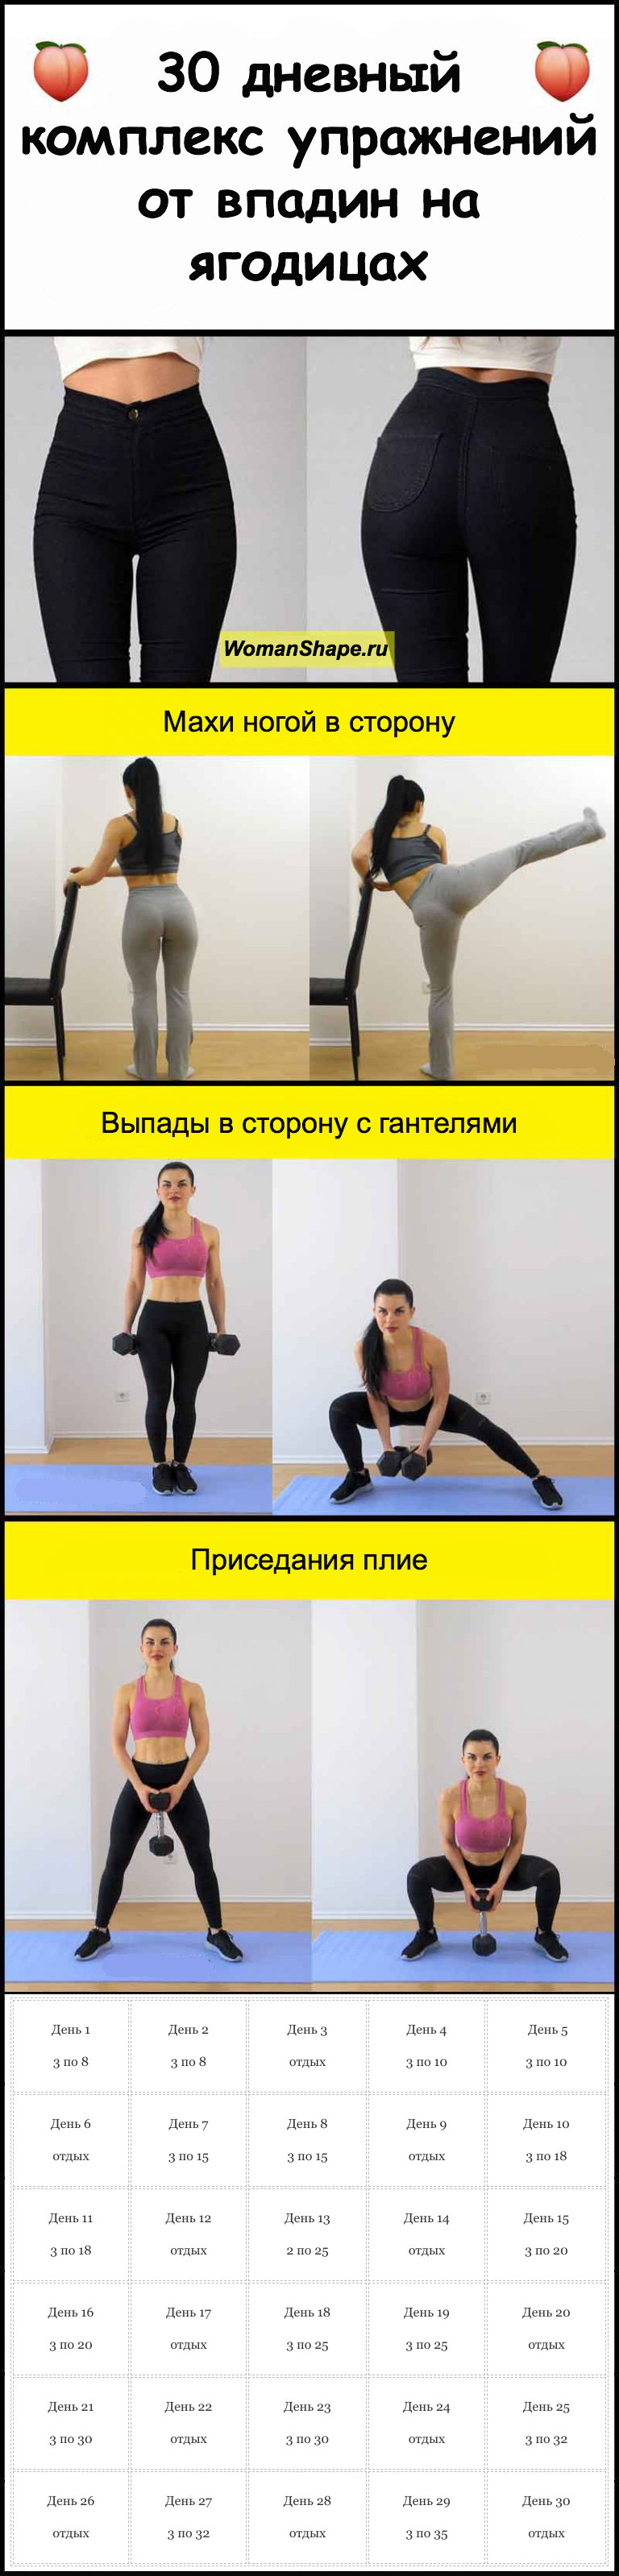 Комплекс упражнений от впадин на ягодицах